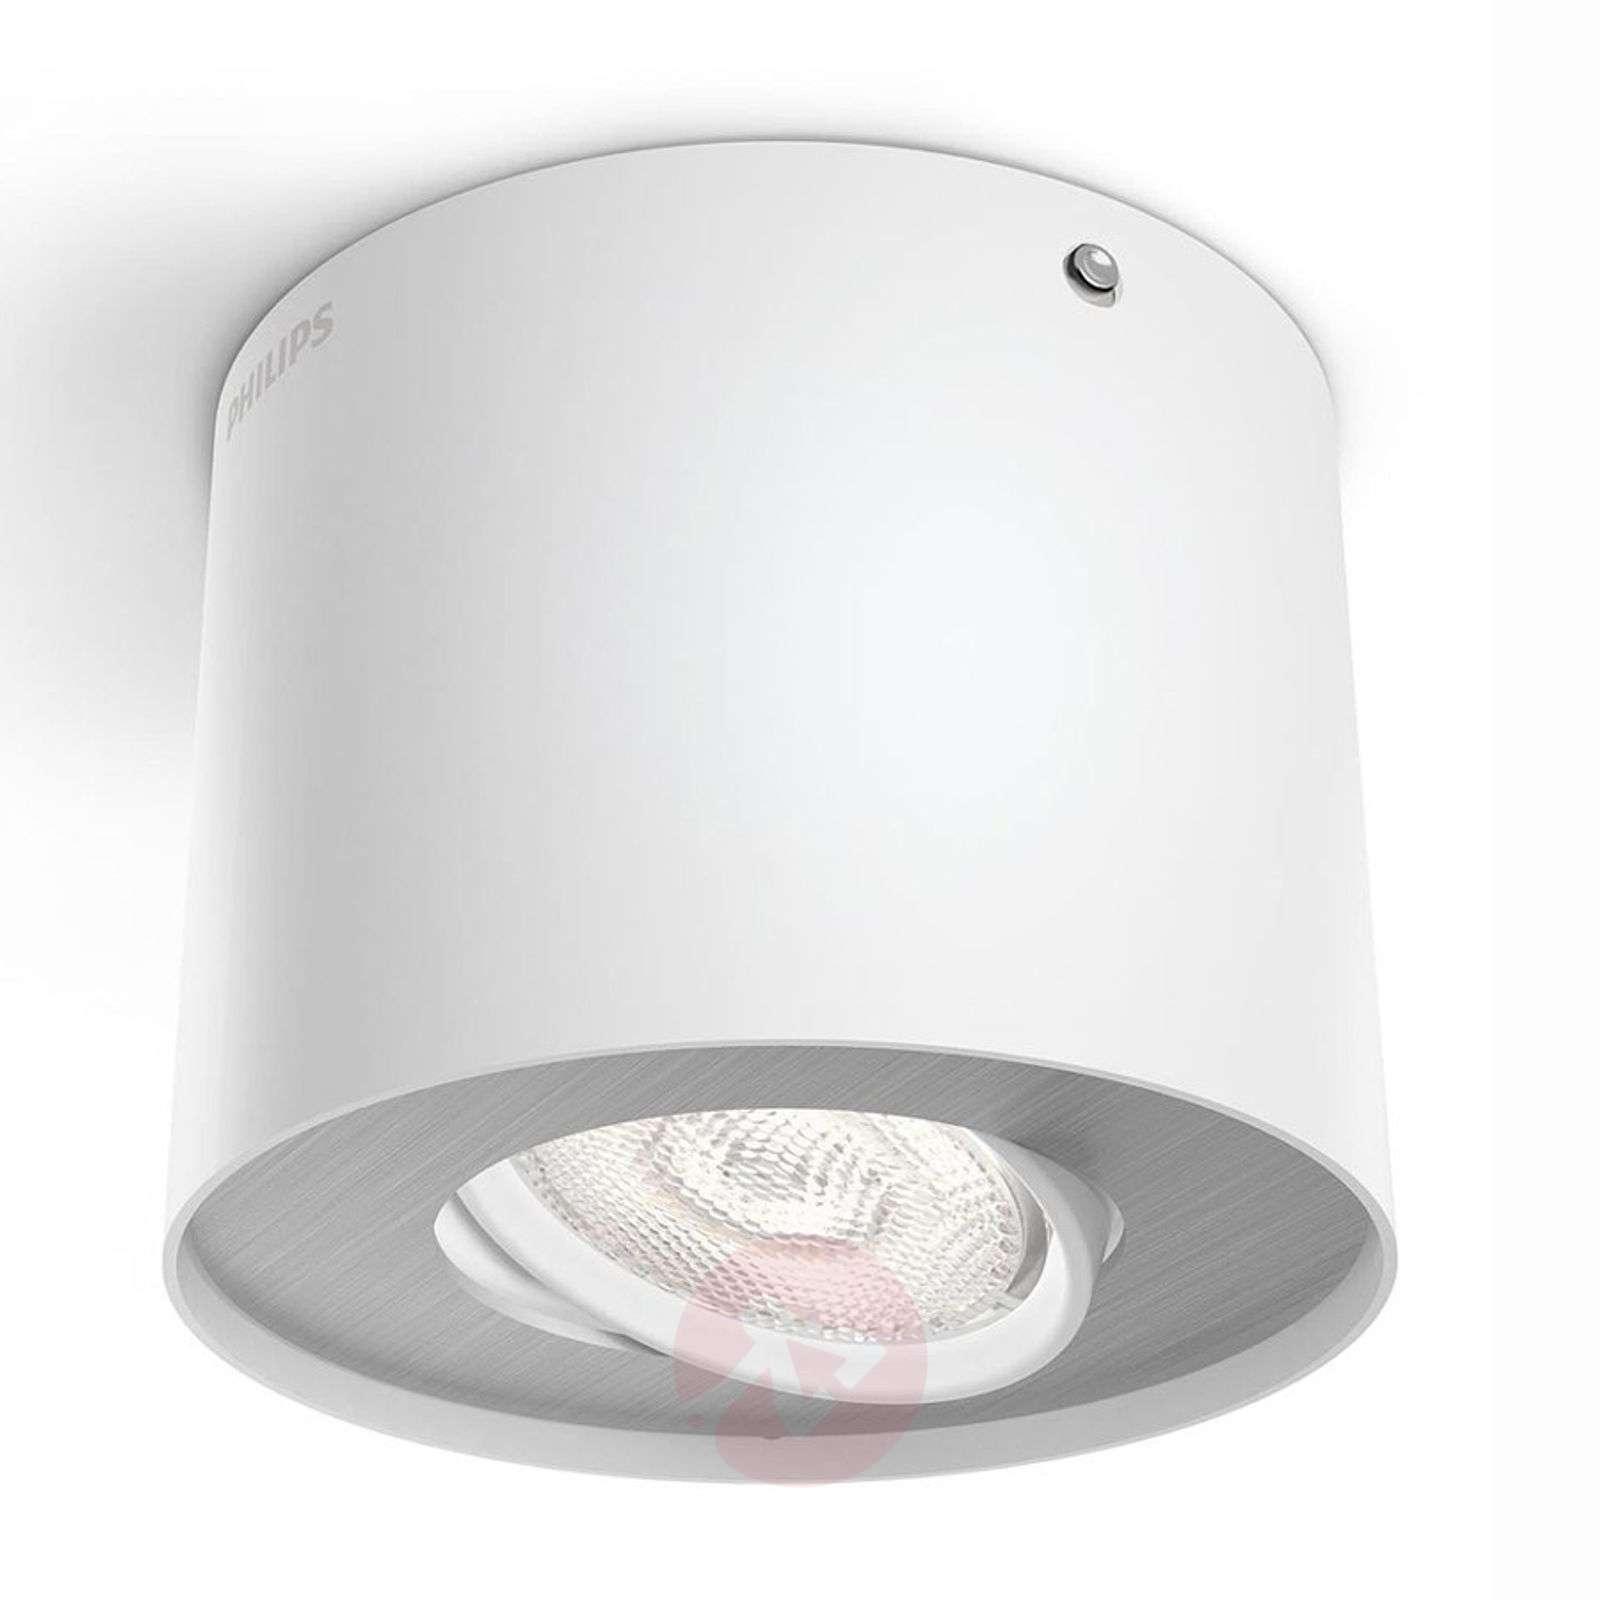 Valkoinen Phase-LED-kohdevalaisin-7531743-01